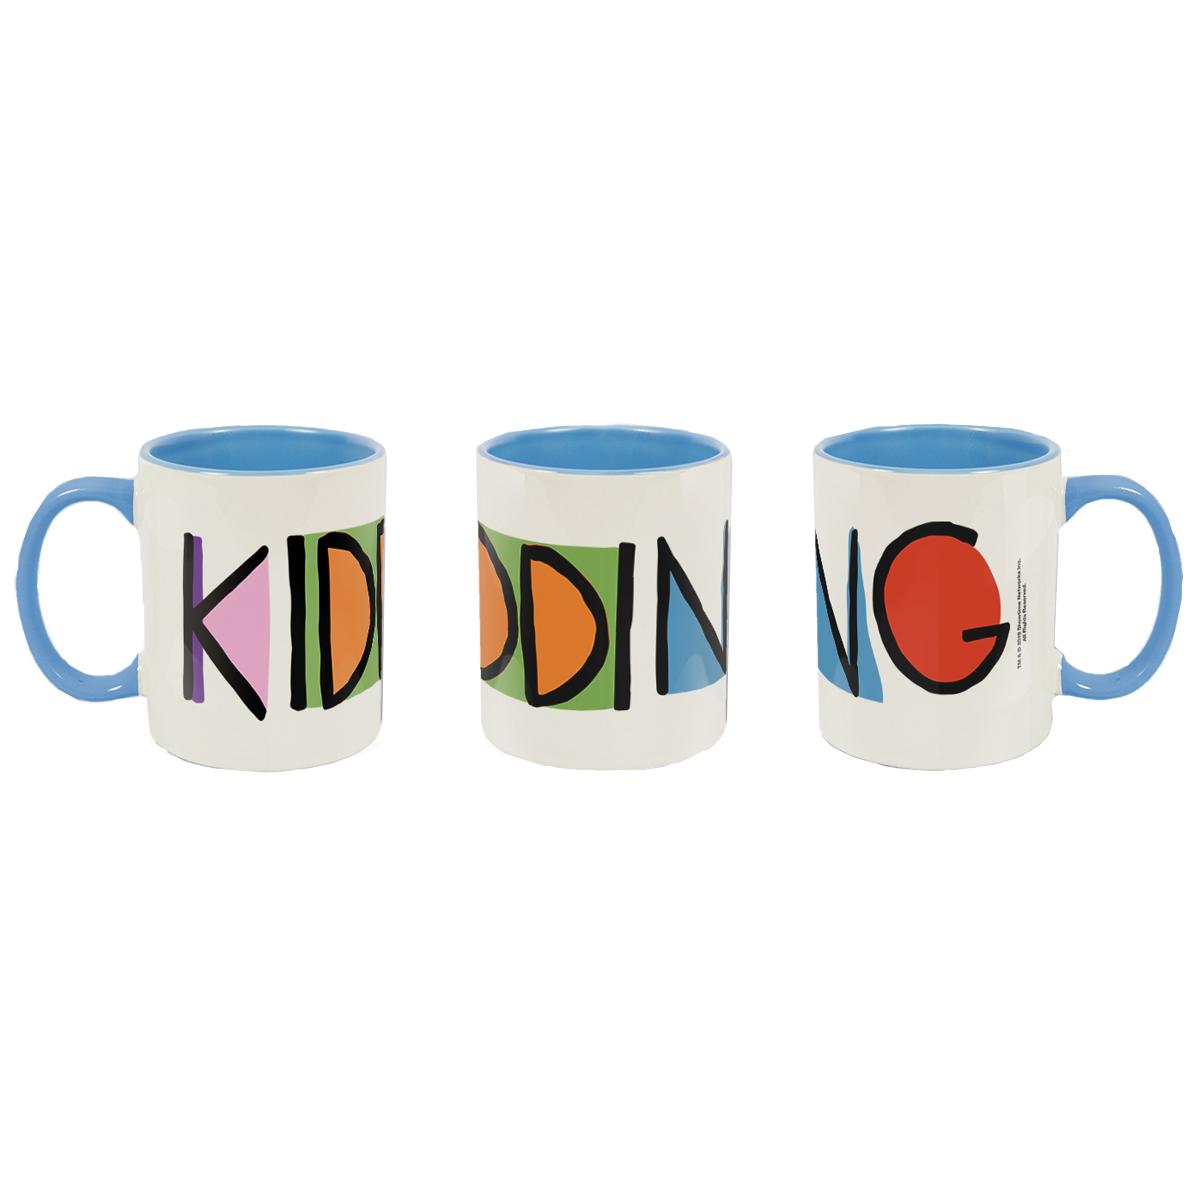 Kidding Logo Mug